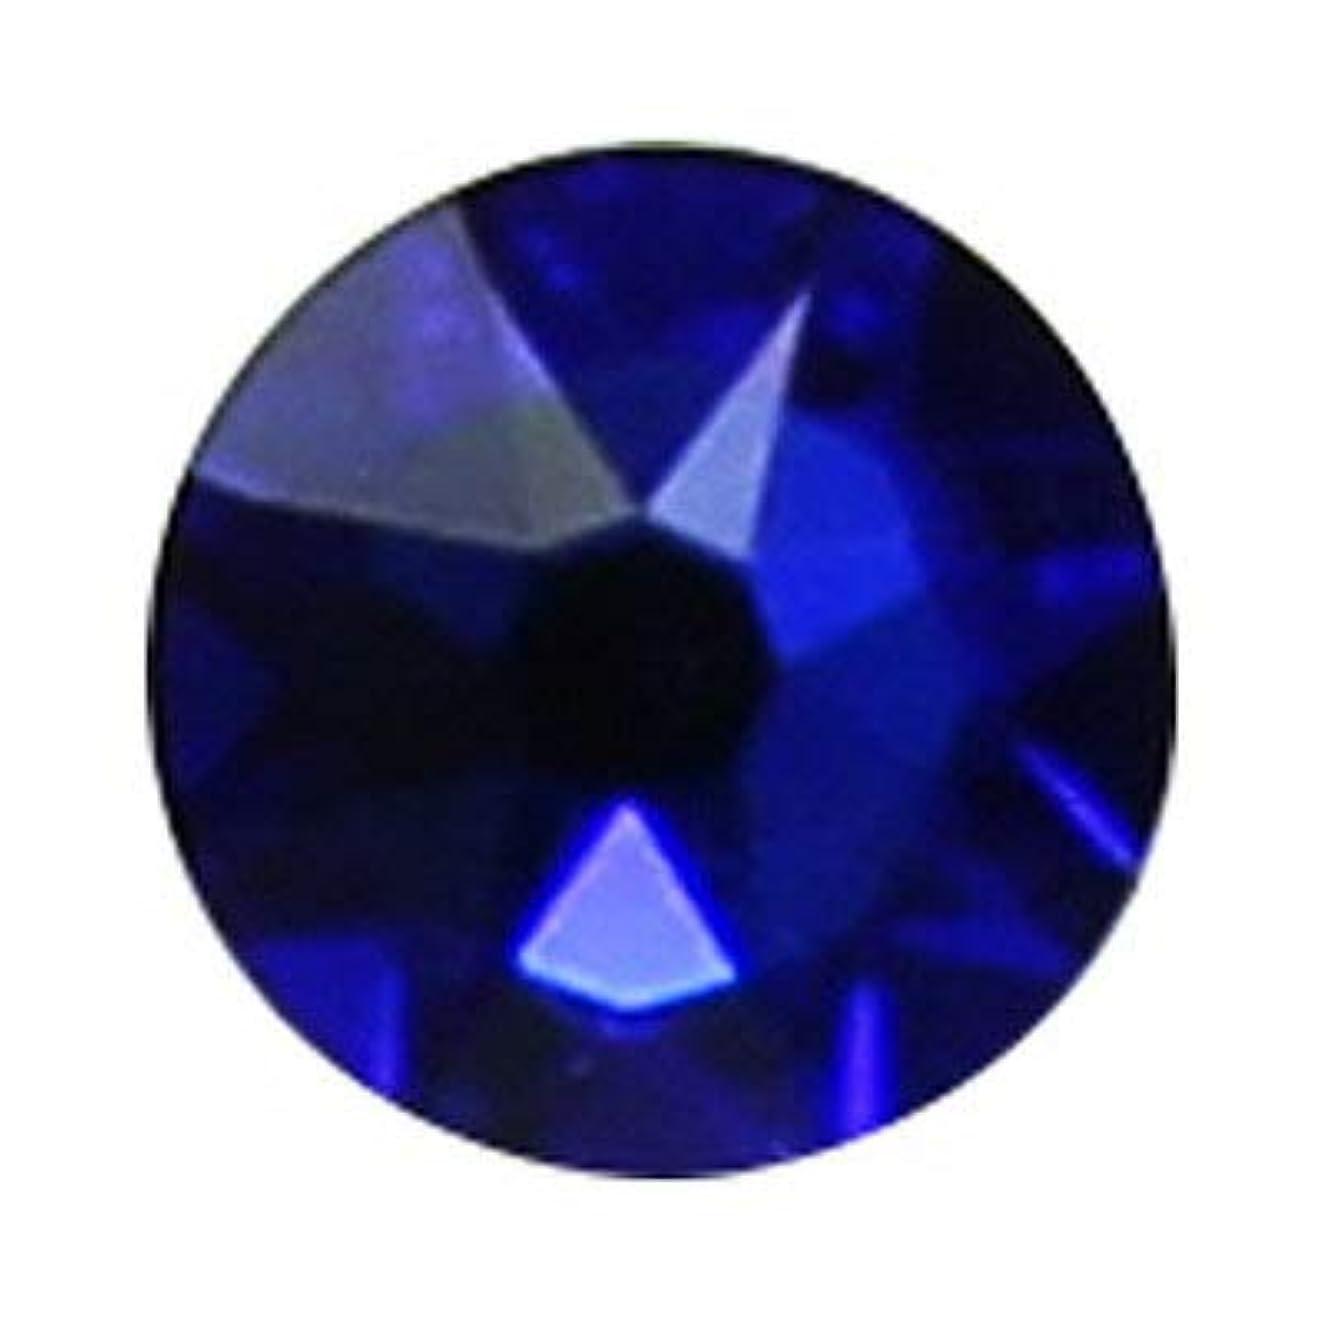 ネクタイグラフィック玉ねぎSWAROVSKI マジェスティック?ブルー ss5 #2058 72P